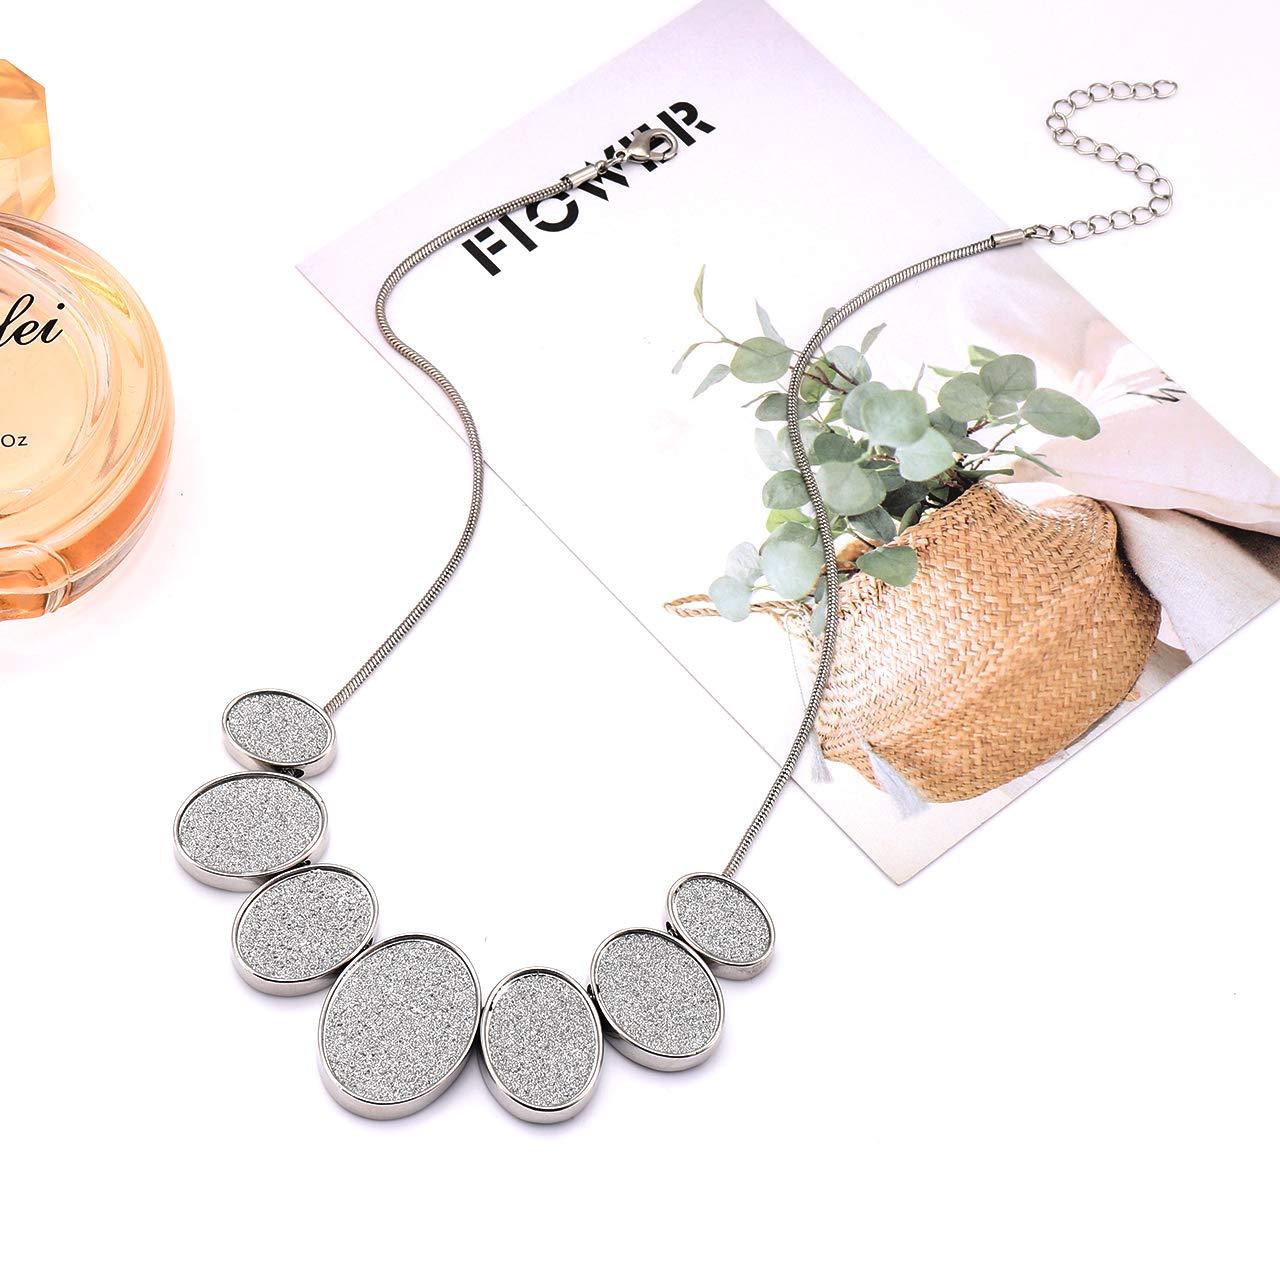 GBLW Collar Necklace for Women Boho Druzy Chunky Bib Necklace Geometric Glitter Statement Necklace Fashion Jewelry